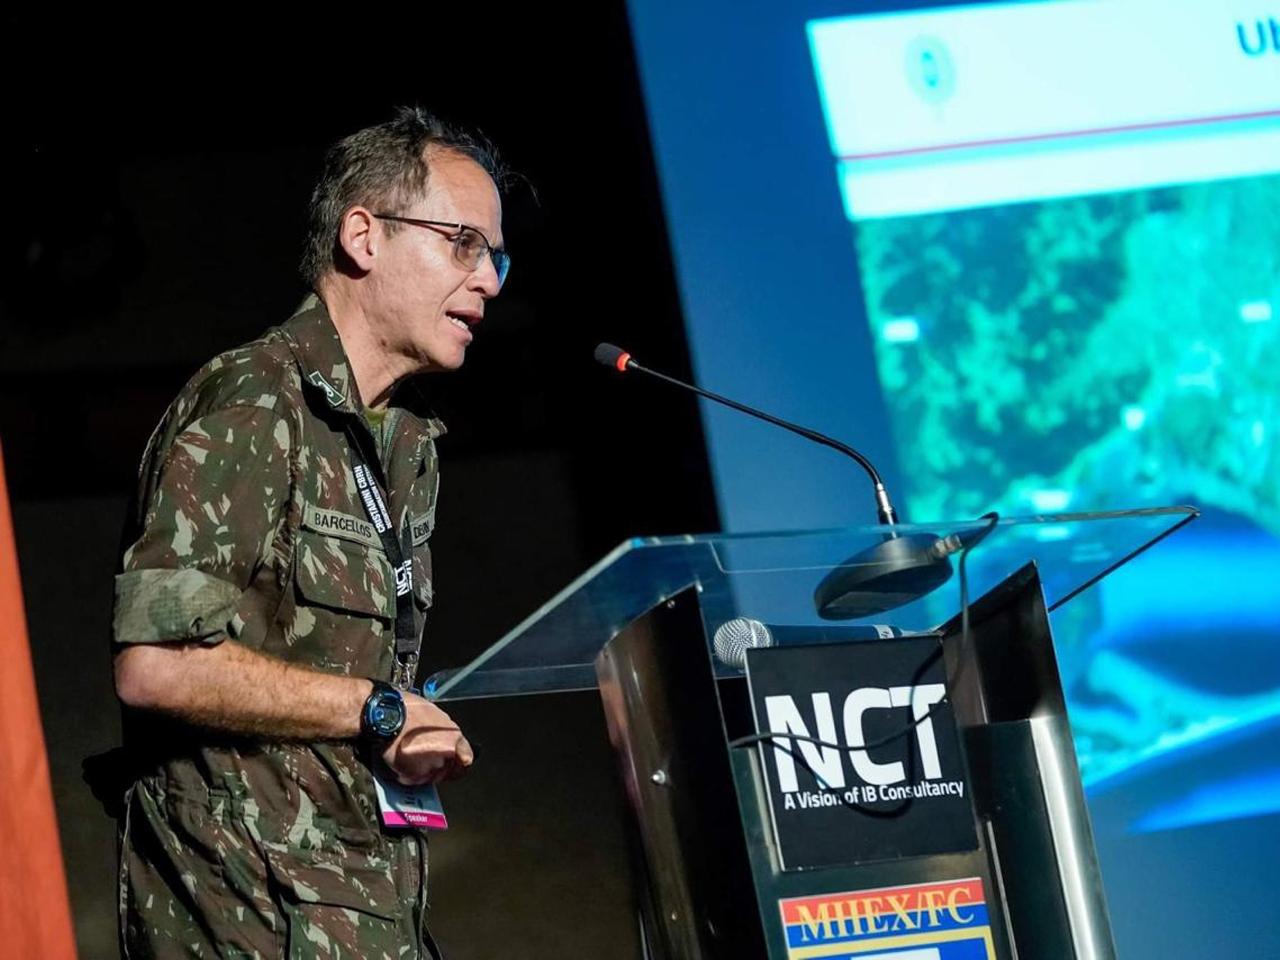 Congresso sobre Ameaças Não Convencionais (NCT) na América do Sul 2019